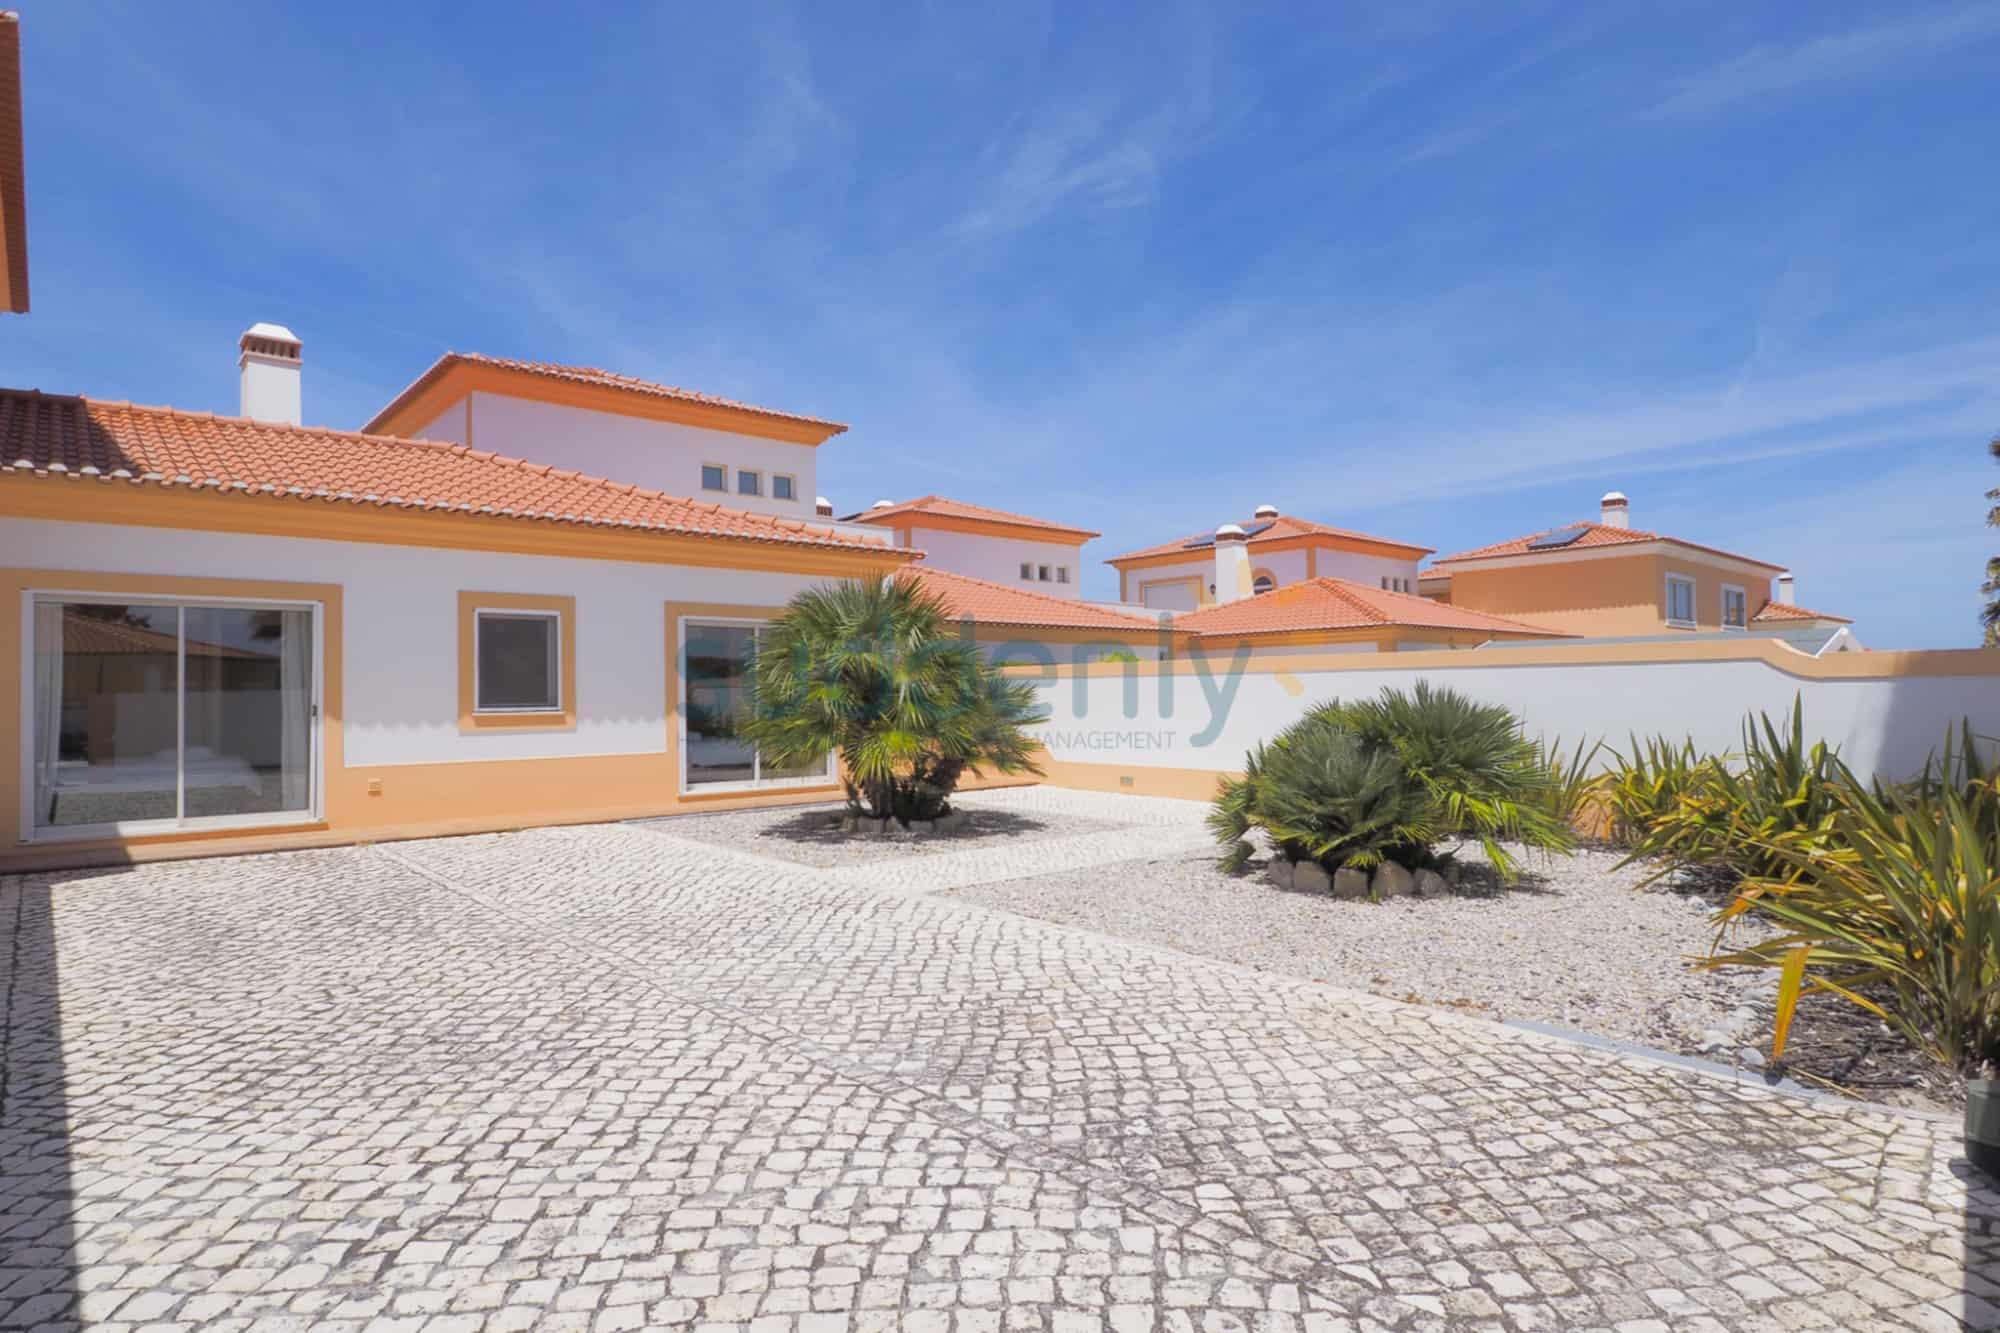 35024/AL - Vila do Golfe 403-6 6